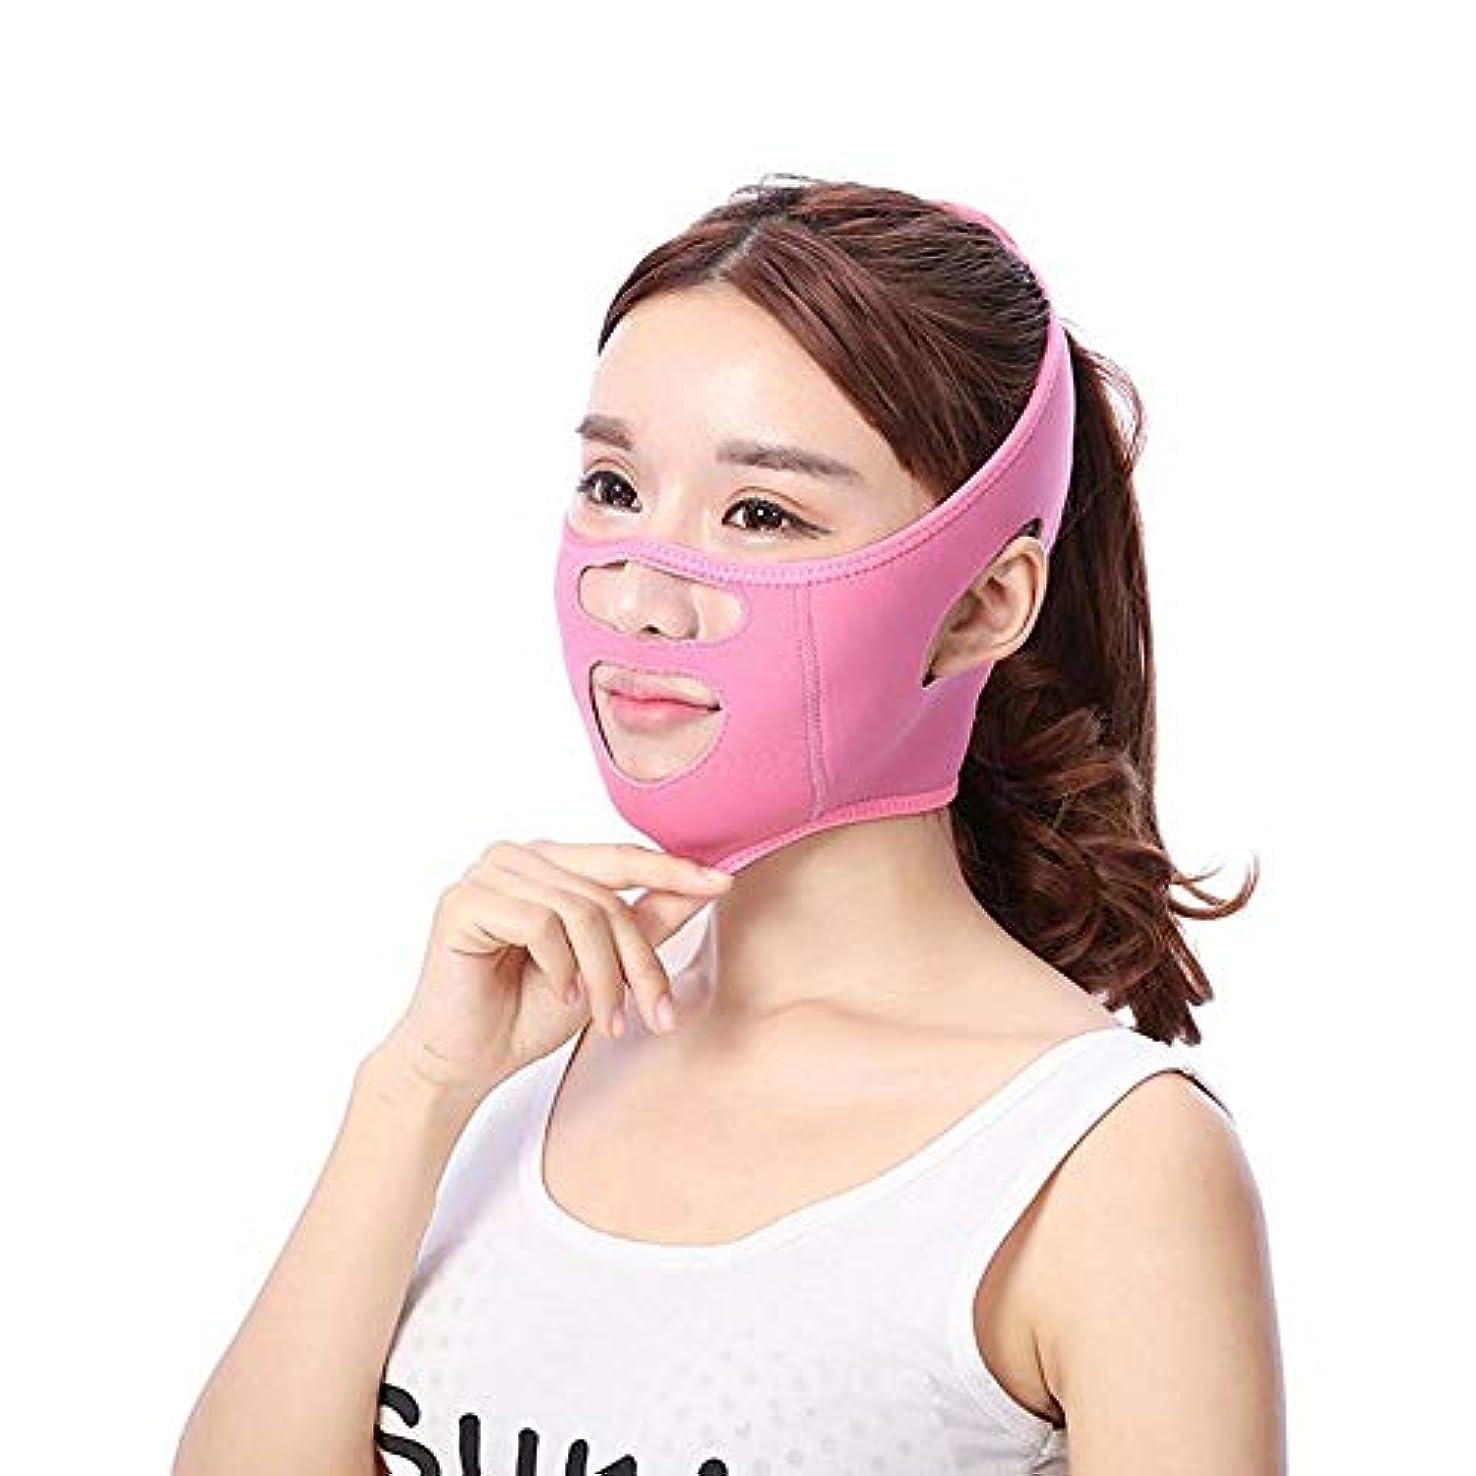 ブルーベルから歯Jia Jia- シンフェイスアーティファクトリフティング引き締めフェイス睡眠包帯フェイシャルリフティングアンチ垂れ下がり法律パターンステッカー8ワード口角 - ピンク 顔面包帯